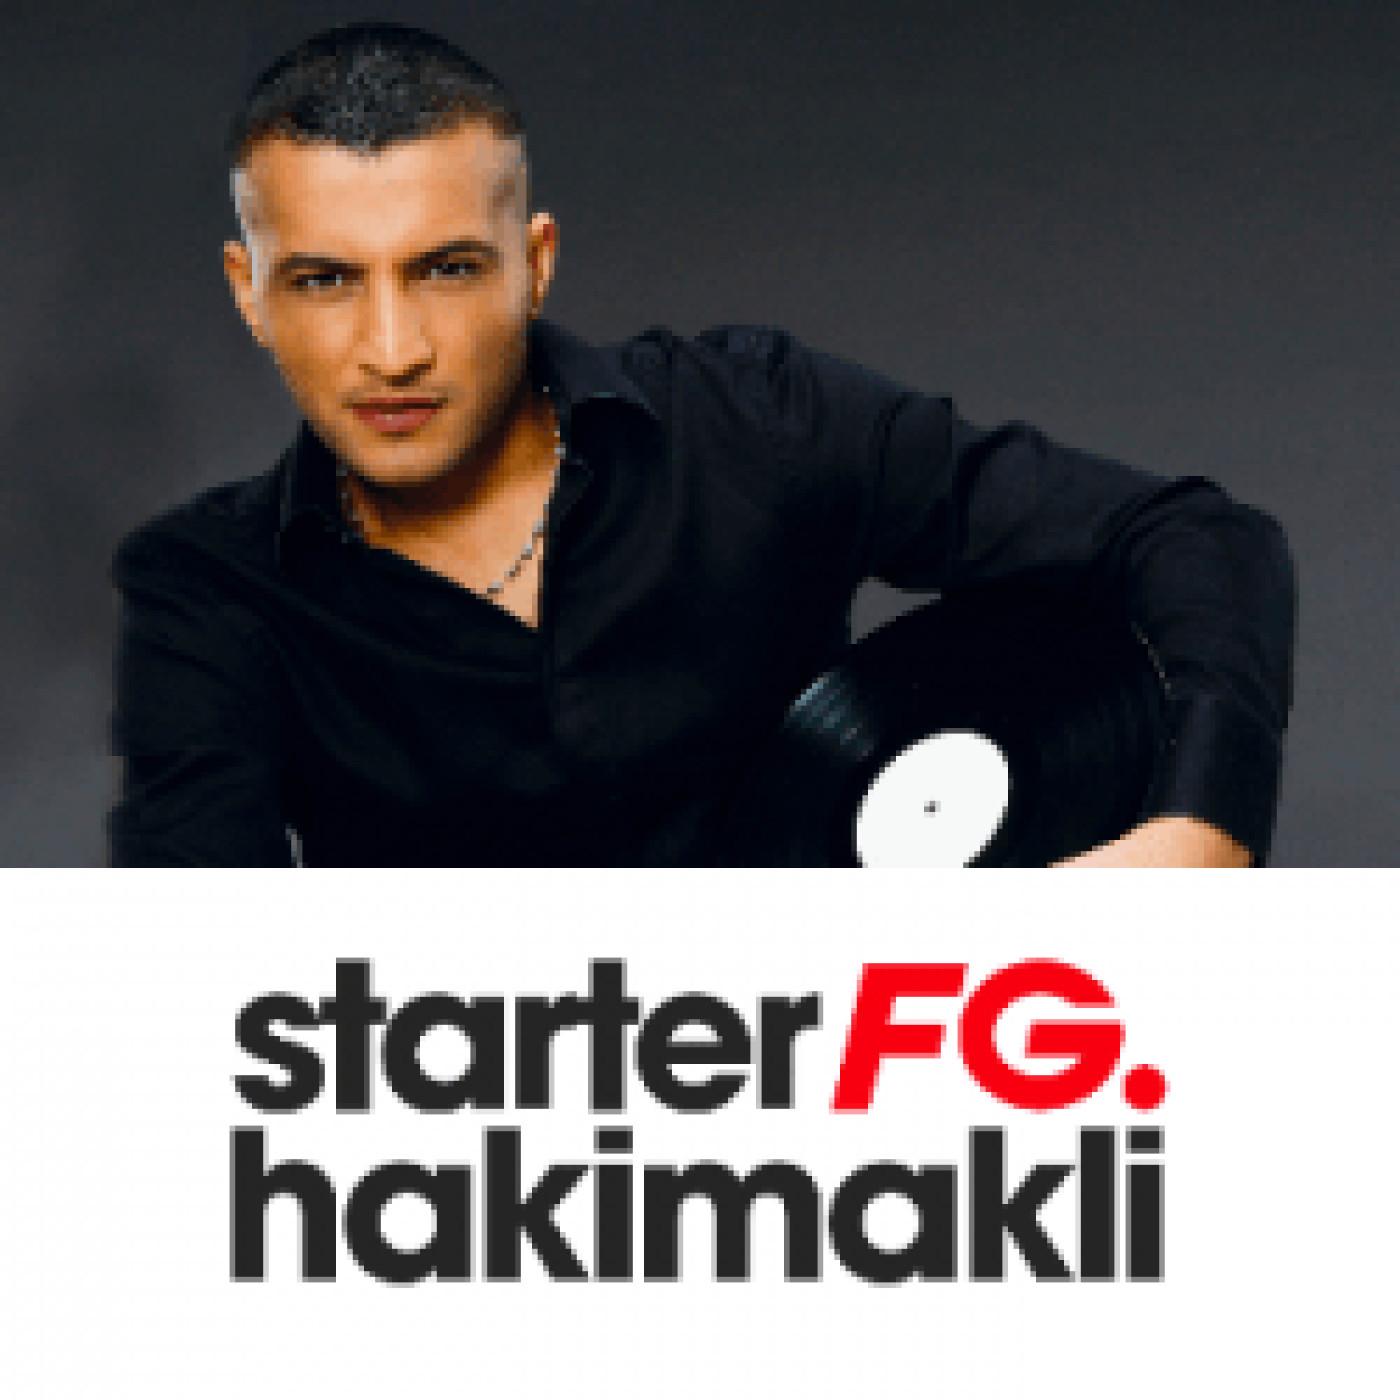 STARTER FG BY HAKIMAKLI JEUDI 3 SEPTEMBRE 2020